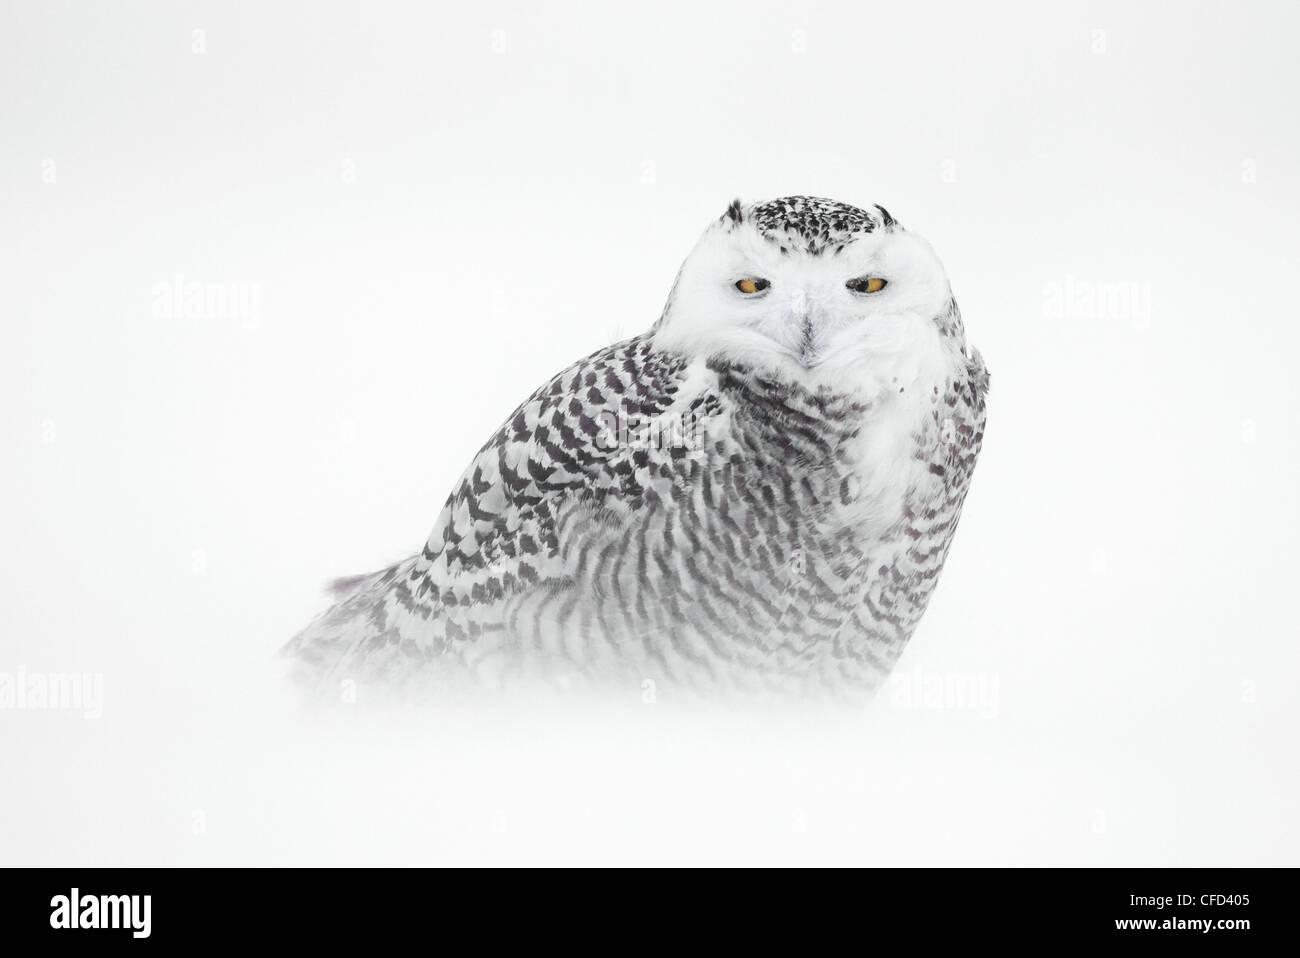 Snowy Owl, Ottawa, Canada - Stock Image